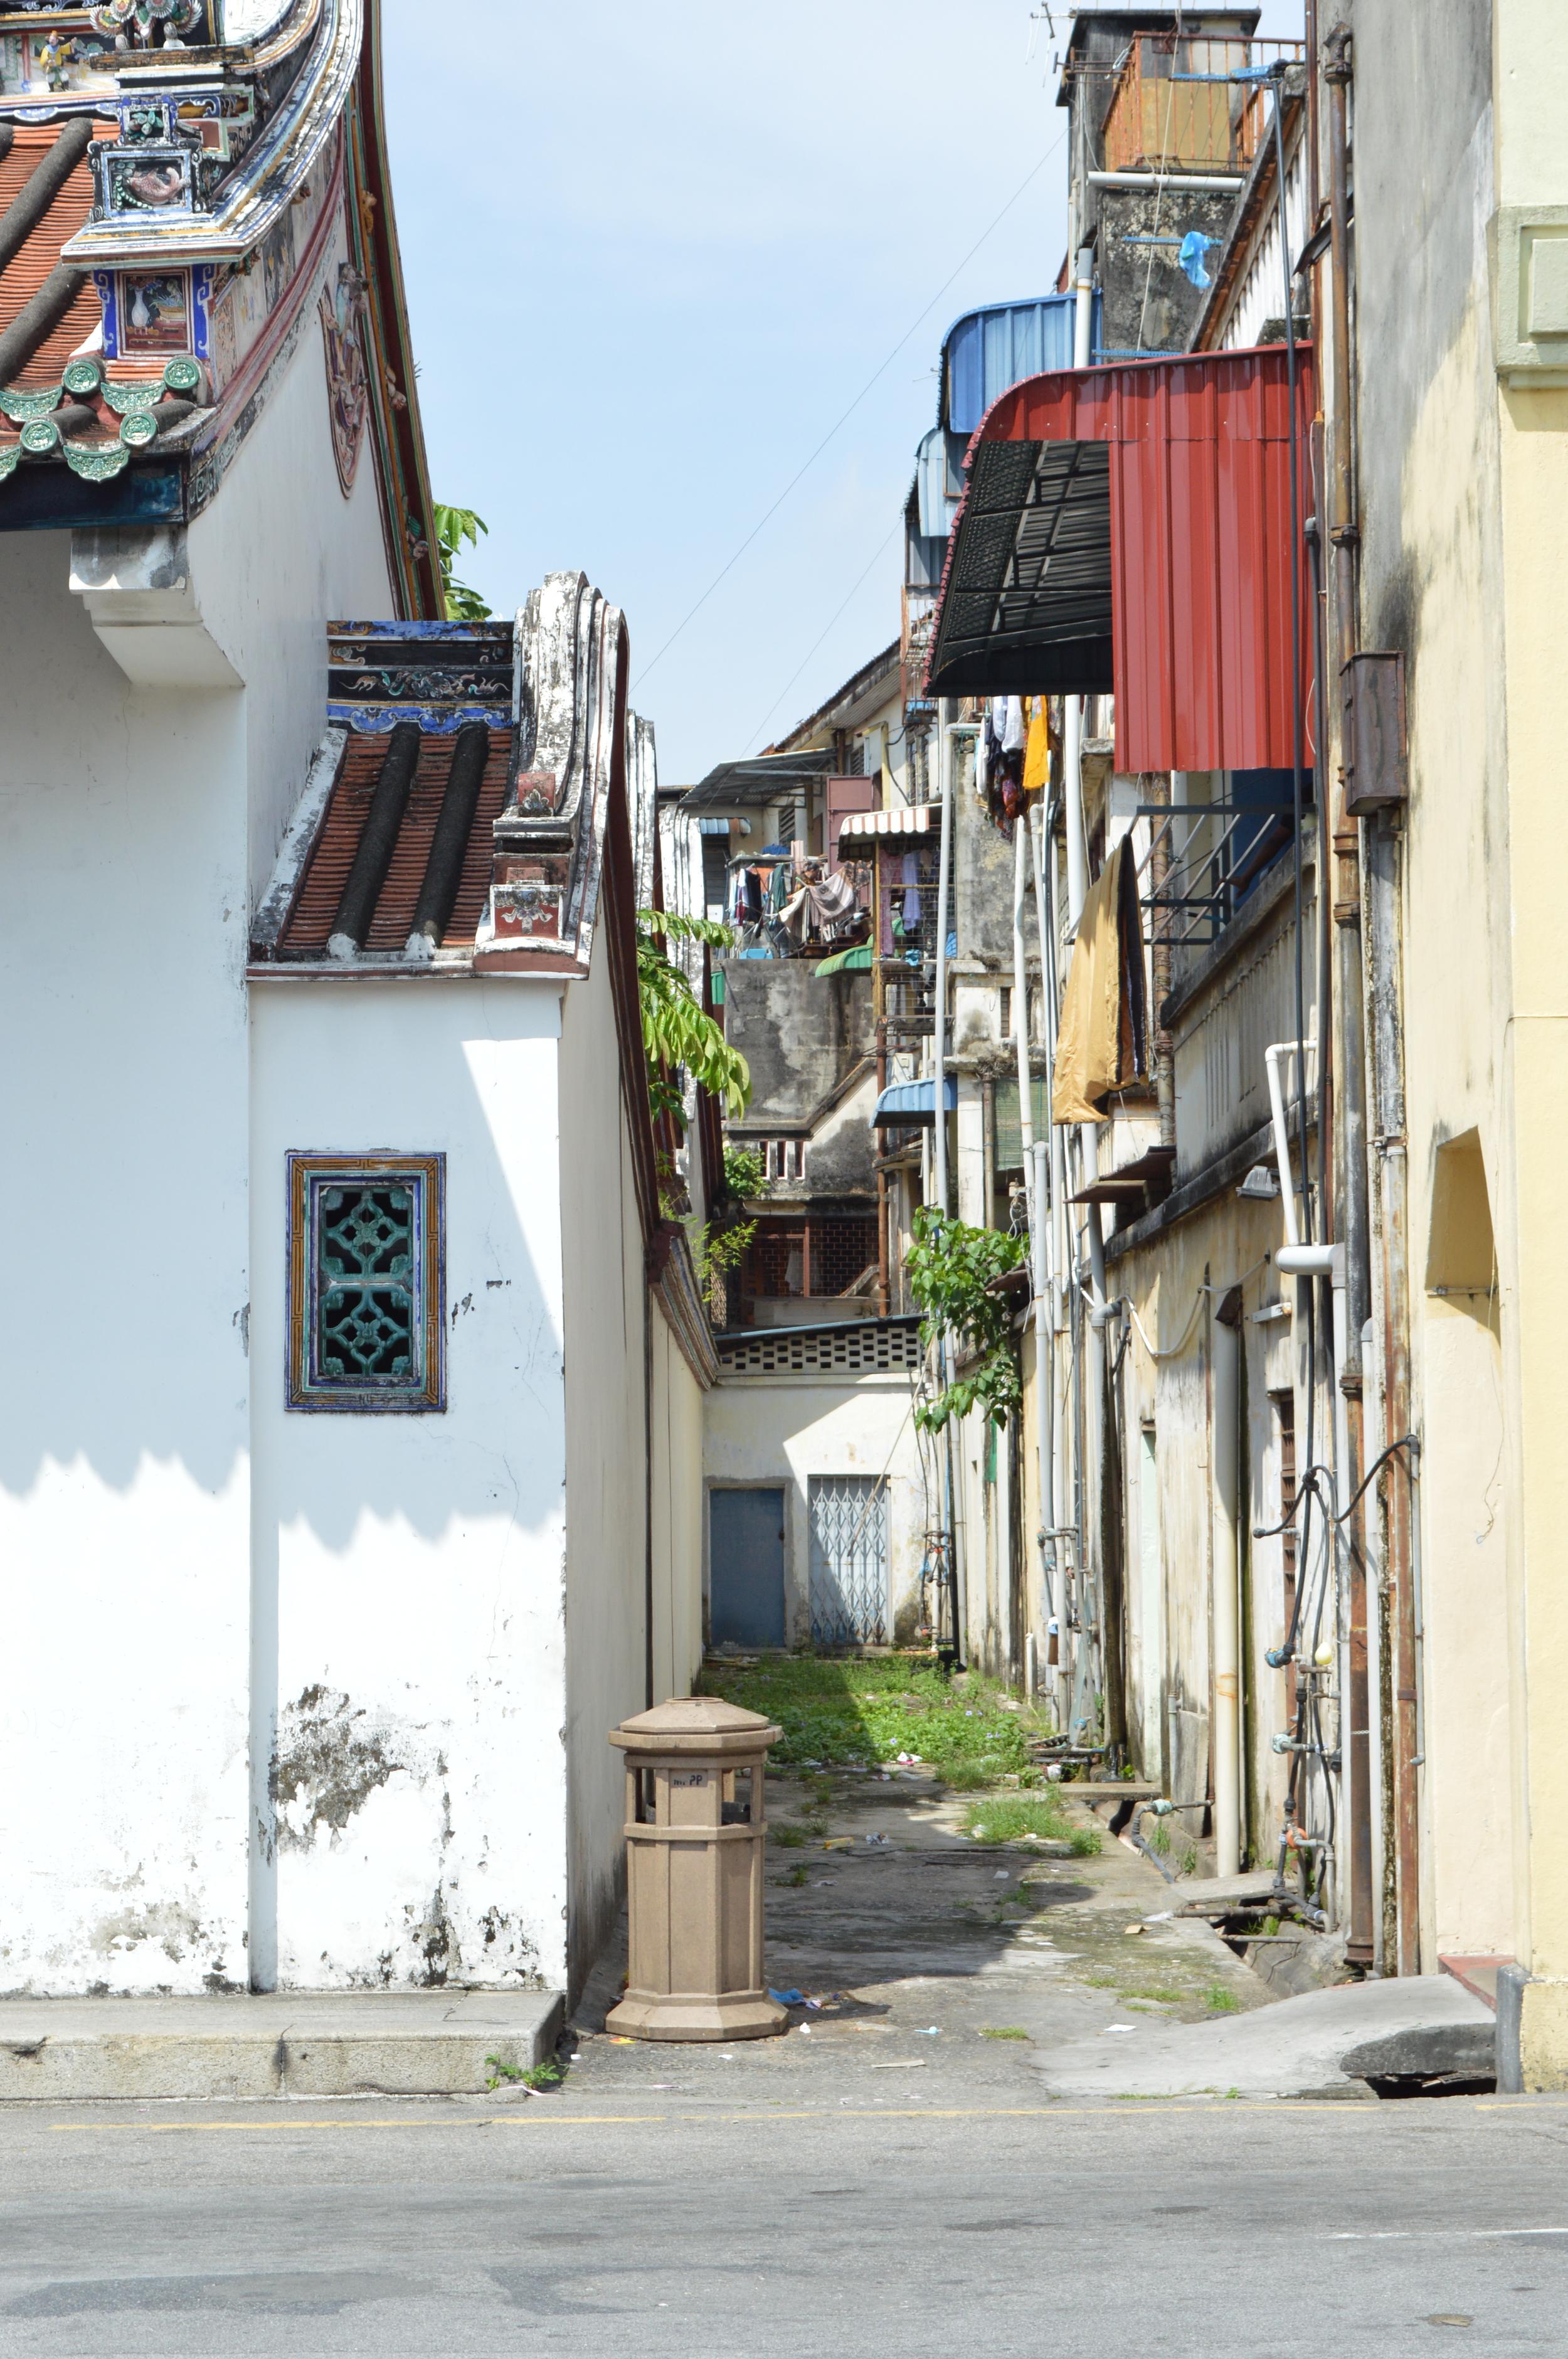 Streets of Penang - Penang, Malaysia